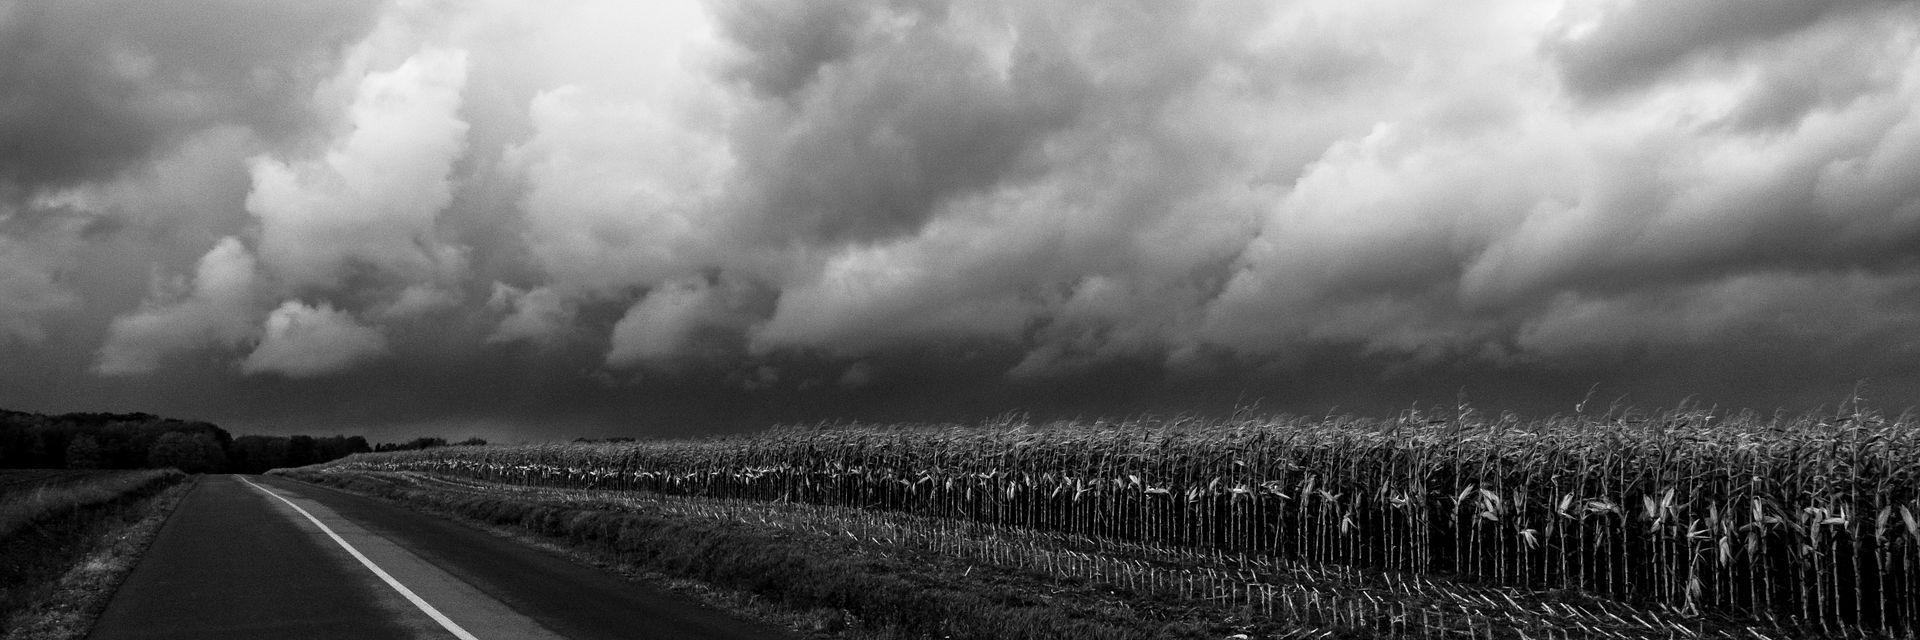 Champs de maïs avant l'orage à l'Île d'Orléans Ileautomne159_zps63c51a8e